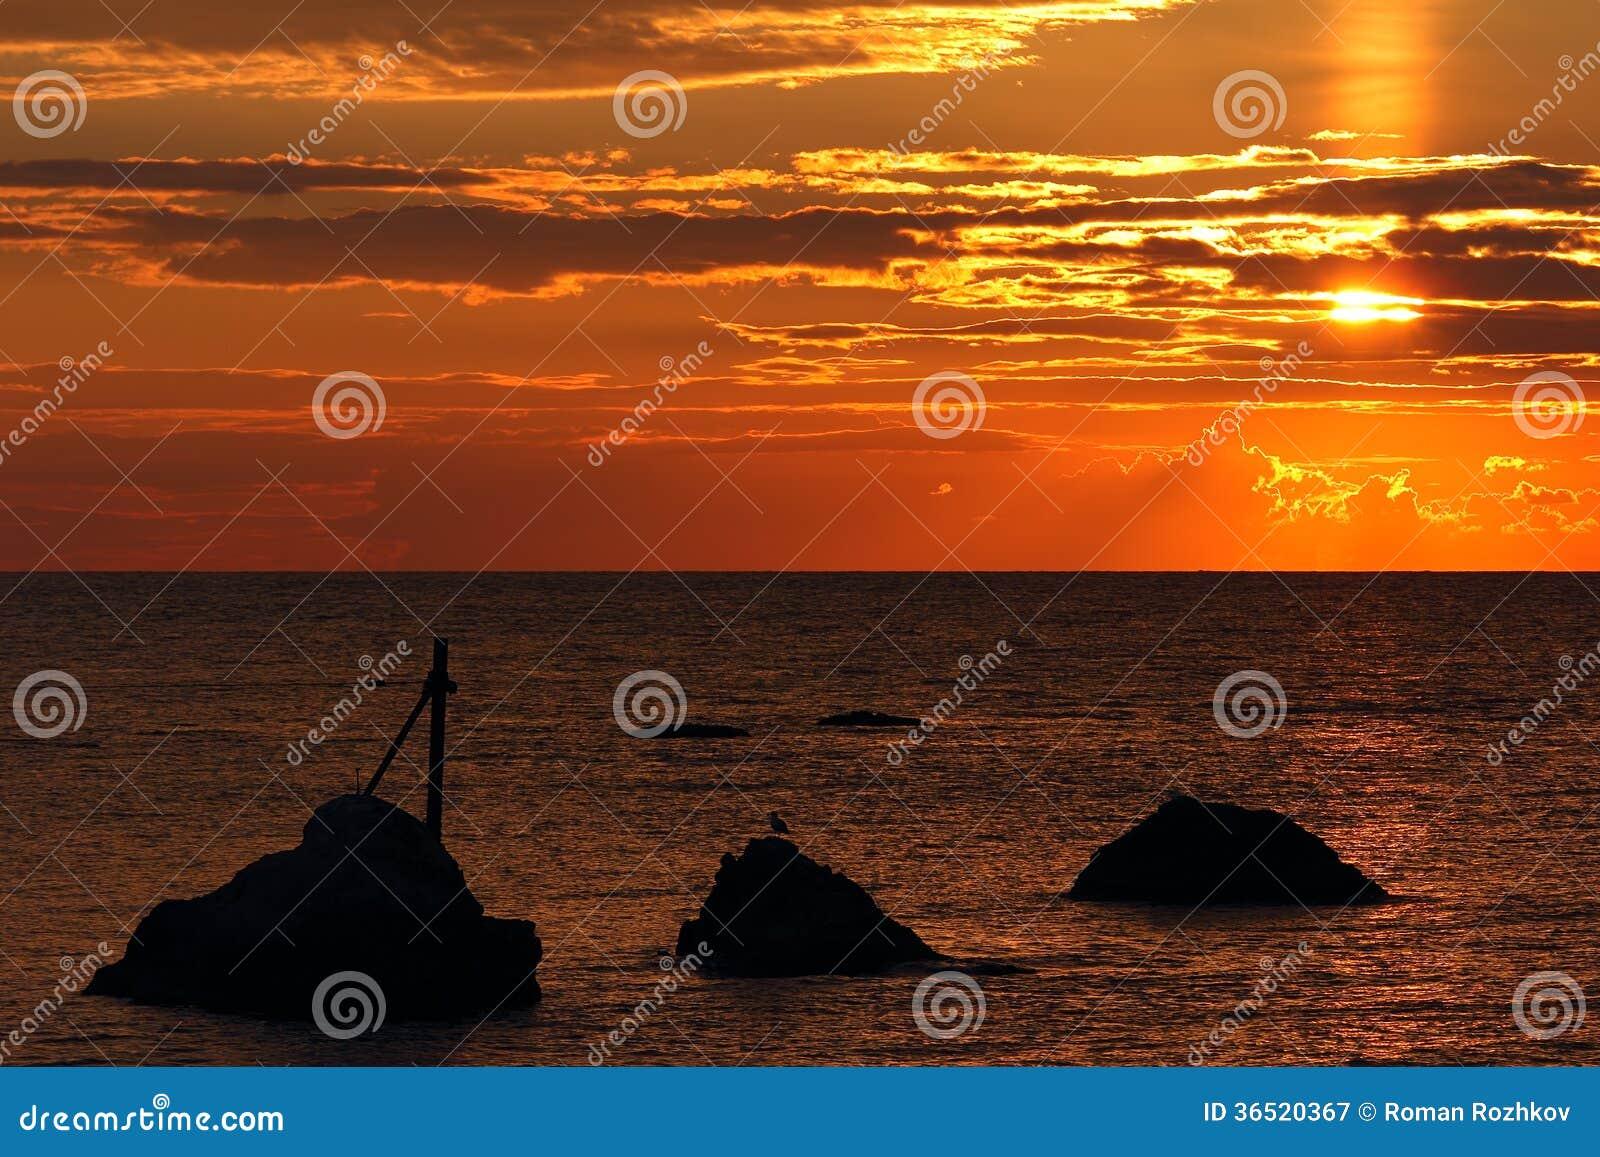 Lever de soleil au-dessus de la mer.